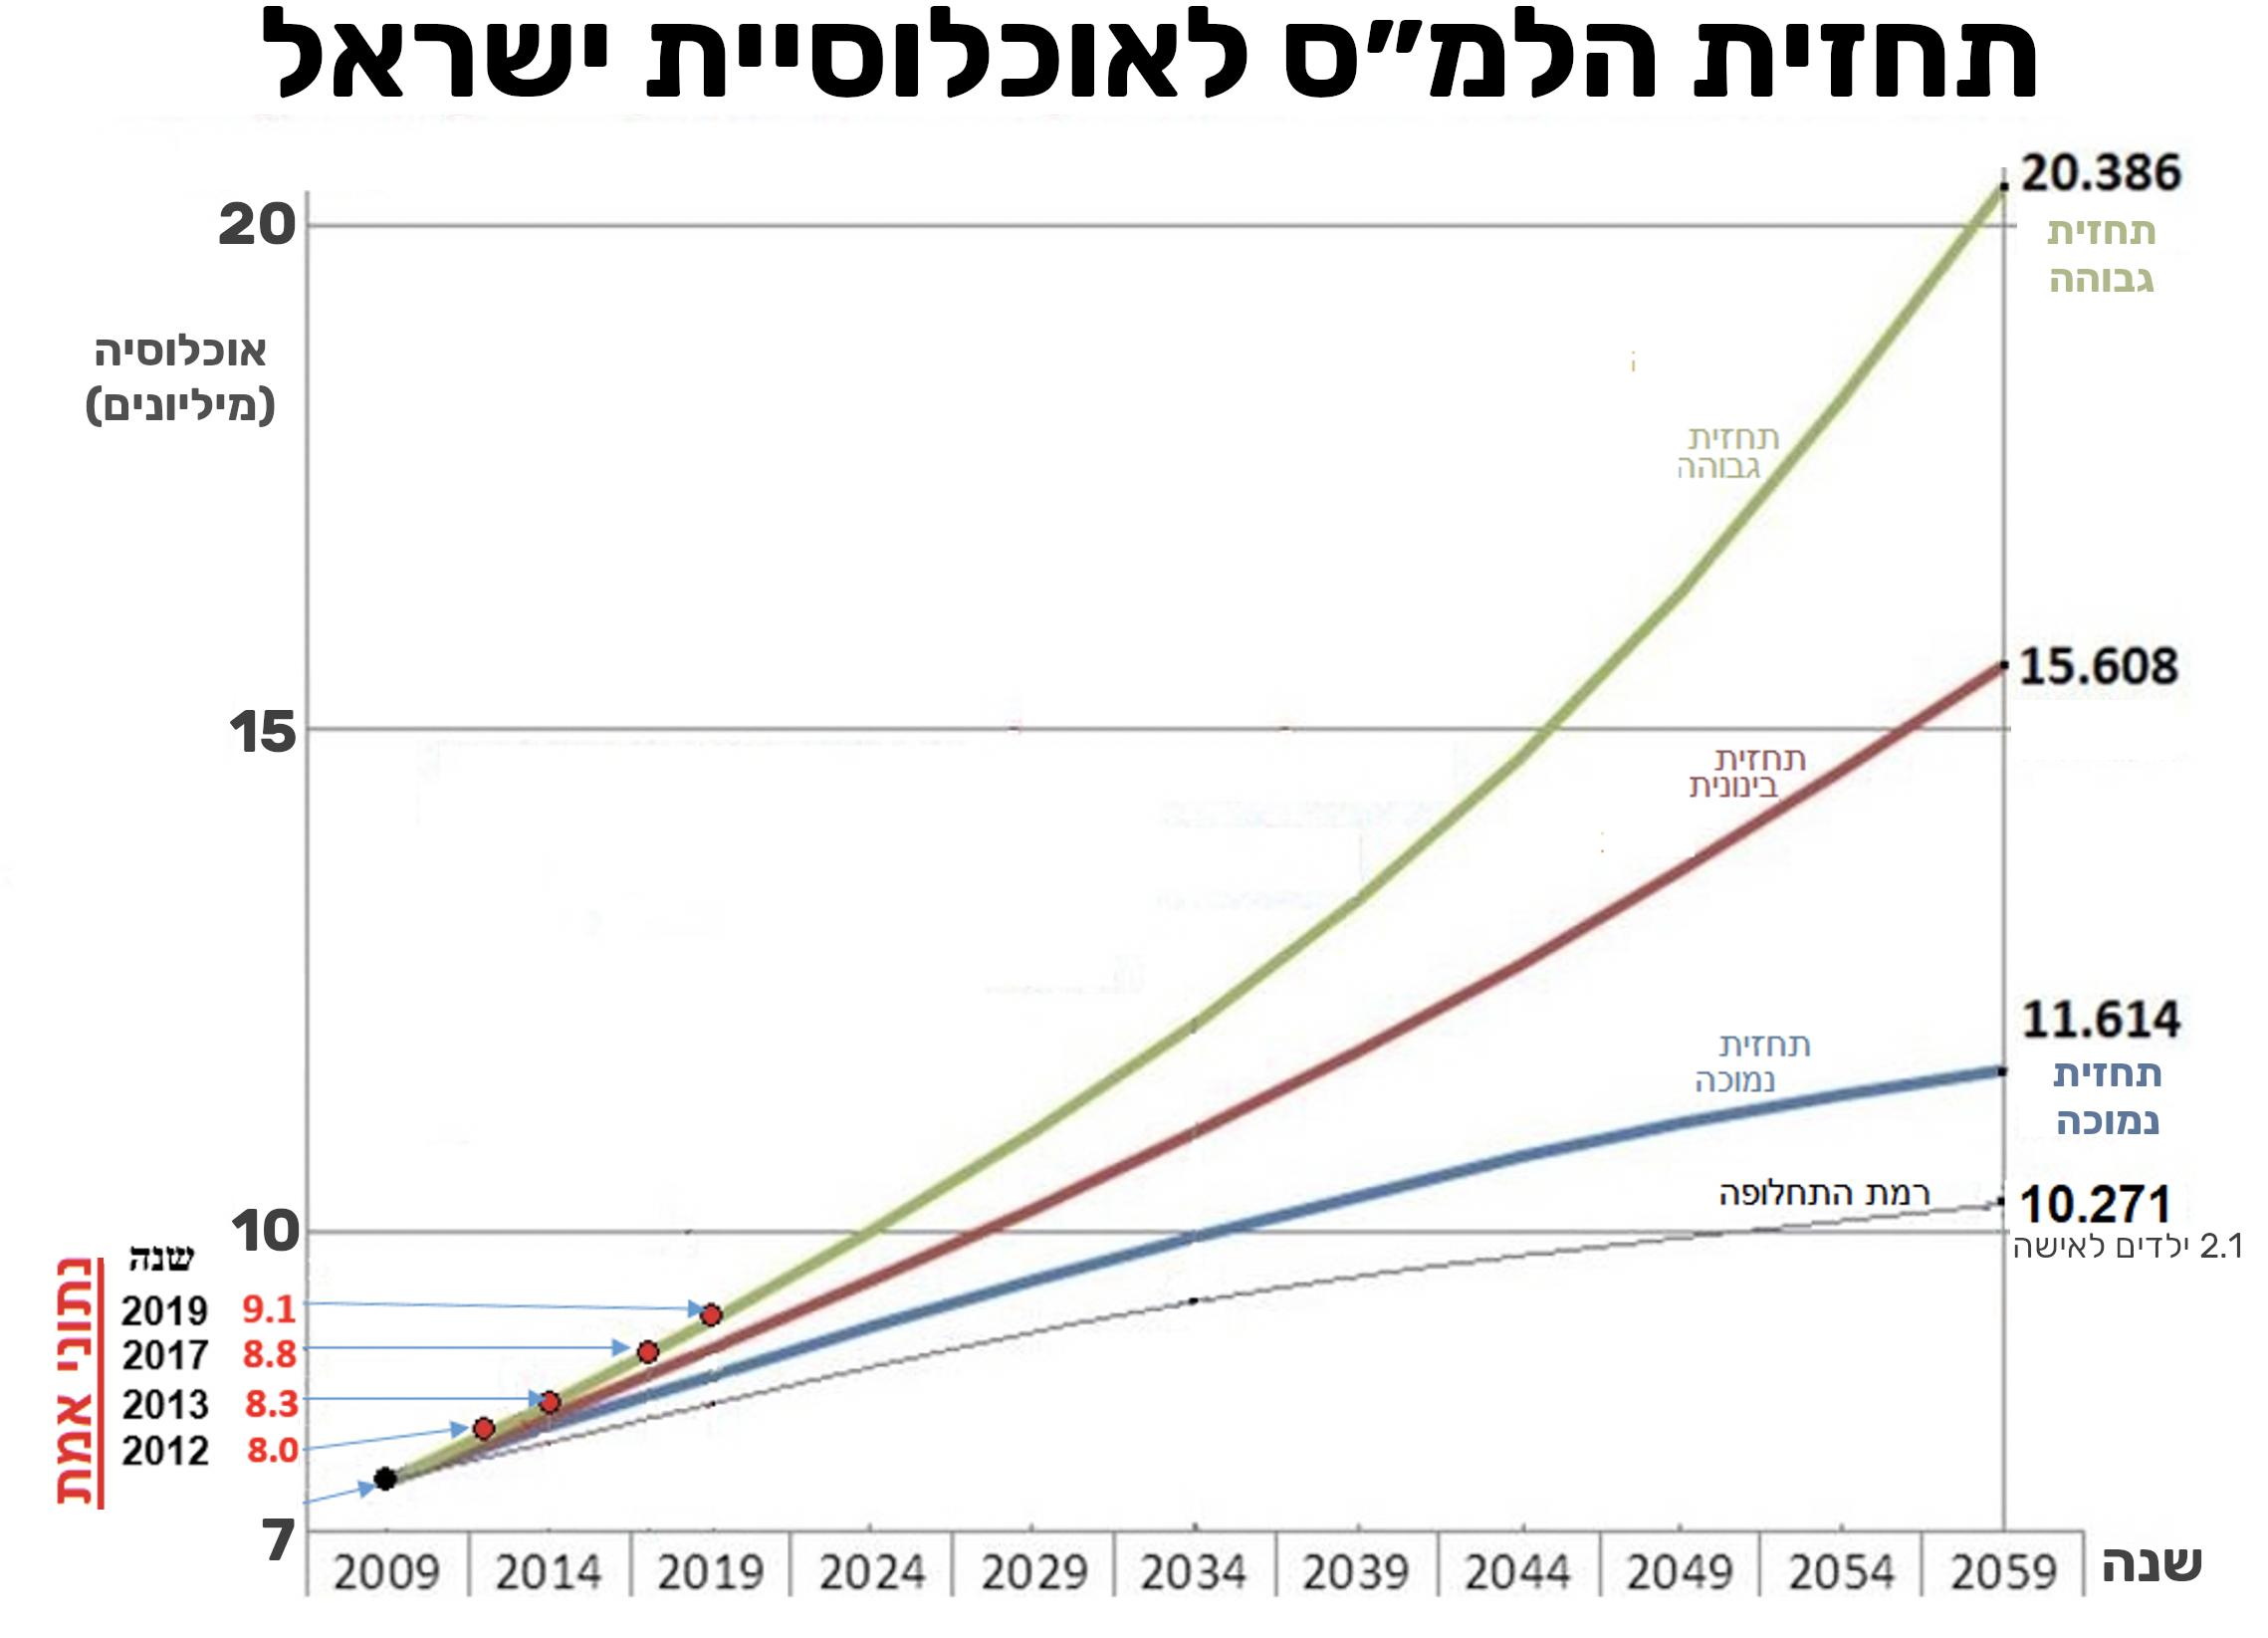 תחזית גידול האוכלוסיה בישראל